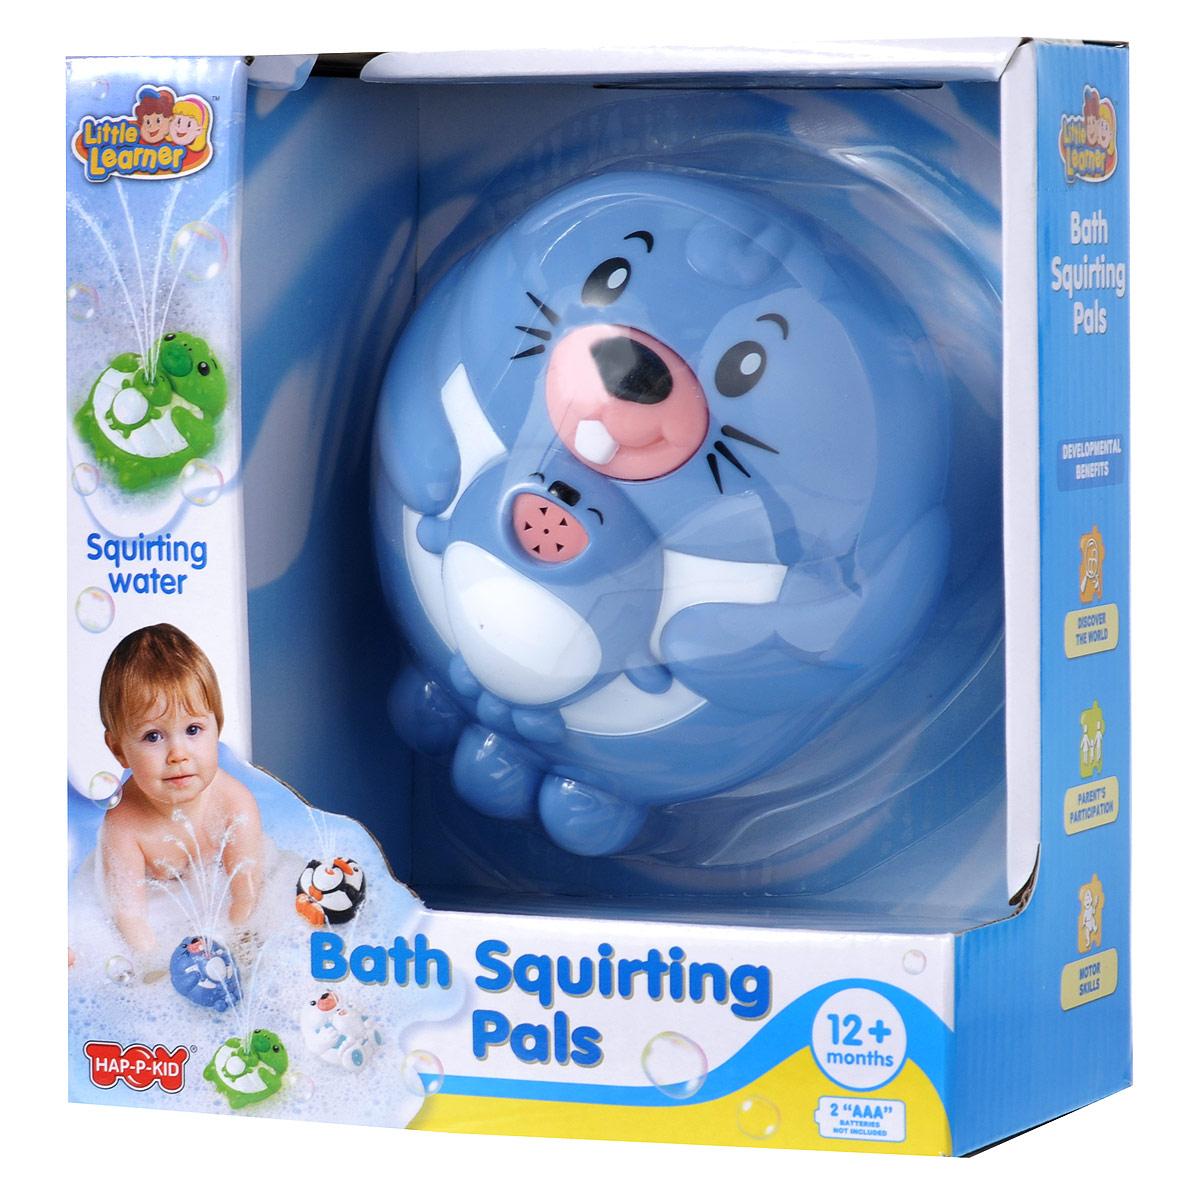 Игрушка для ванной Happy Kid Бобрик4306Игрушка для ванной Happy Kid Бобрик привлечет внимание вашего малыша и превратит купание в веселую игру! Игрушка выполнена из пластика голубого и белого цветов в виде забавного бобрика с детенышем. Игрушка отлично держится на воде и может плавать в ванной, не боясь шампуней и погружений под воду. При нажатии на нос бобрика игрушка выпускает фонтанчик воды. Эта яркая великолепная игрушка поможет ребенку в игровой форме развить цветовое и звуковое восприятие, причинно-следственные связи и мелкую моторику рук. Для работы игрушки необходимы 2 батарея типа ААА (не входят в комплект).